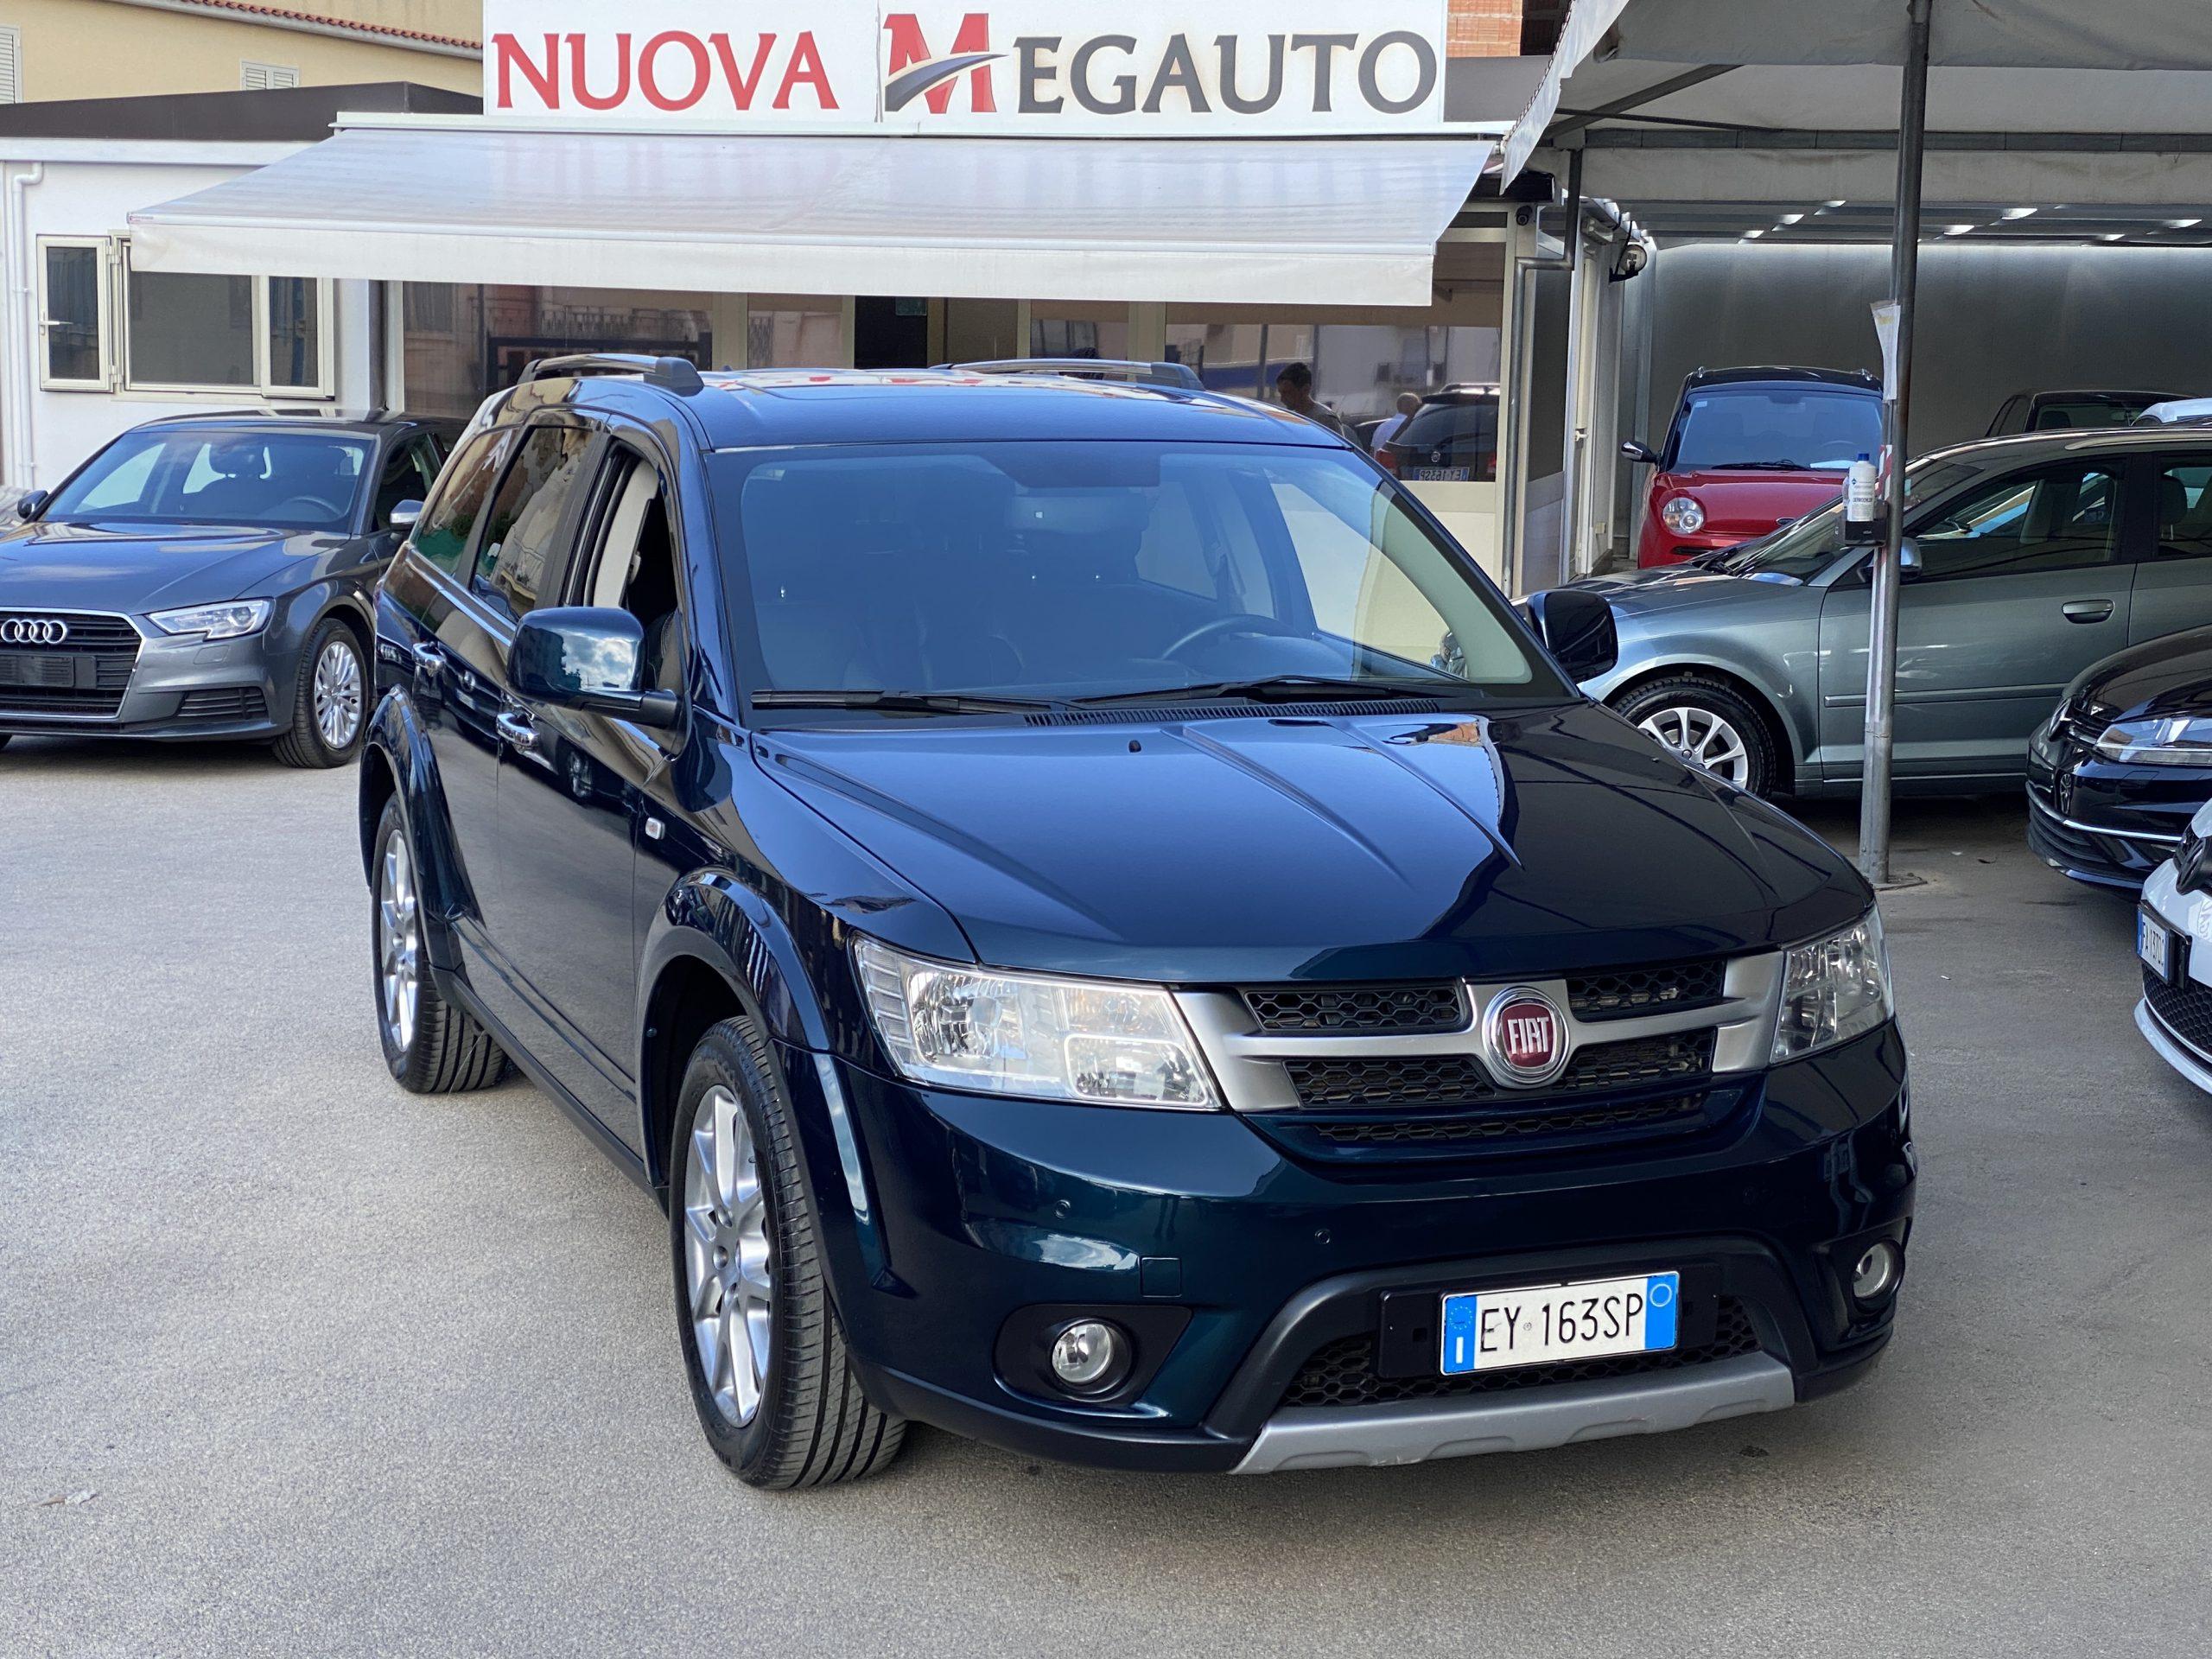 Fiat Freemont 2.0 Mjt 170 CV 4×4 Aut. Lounge 2015